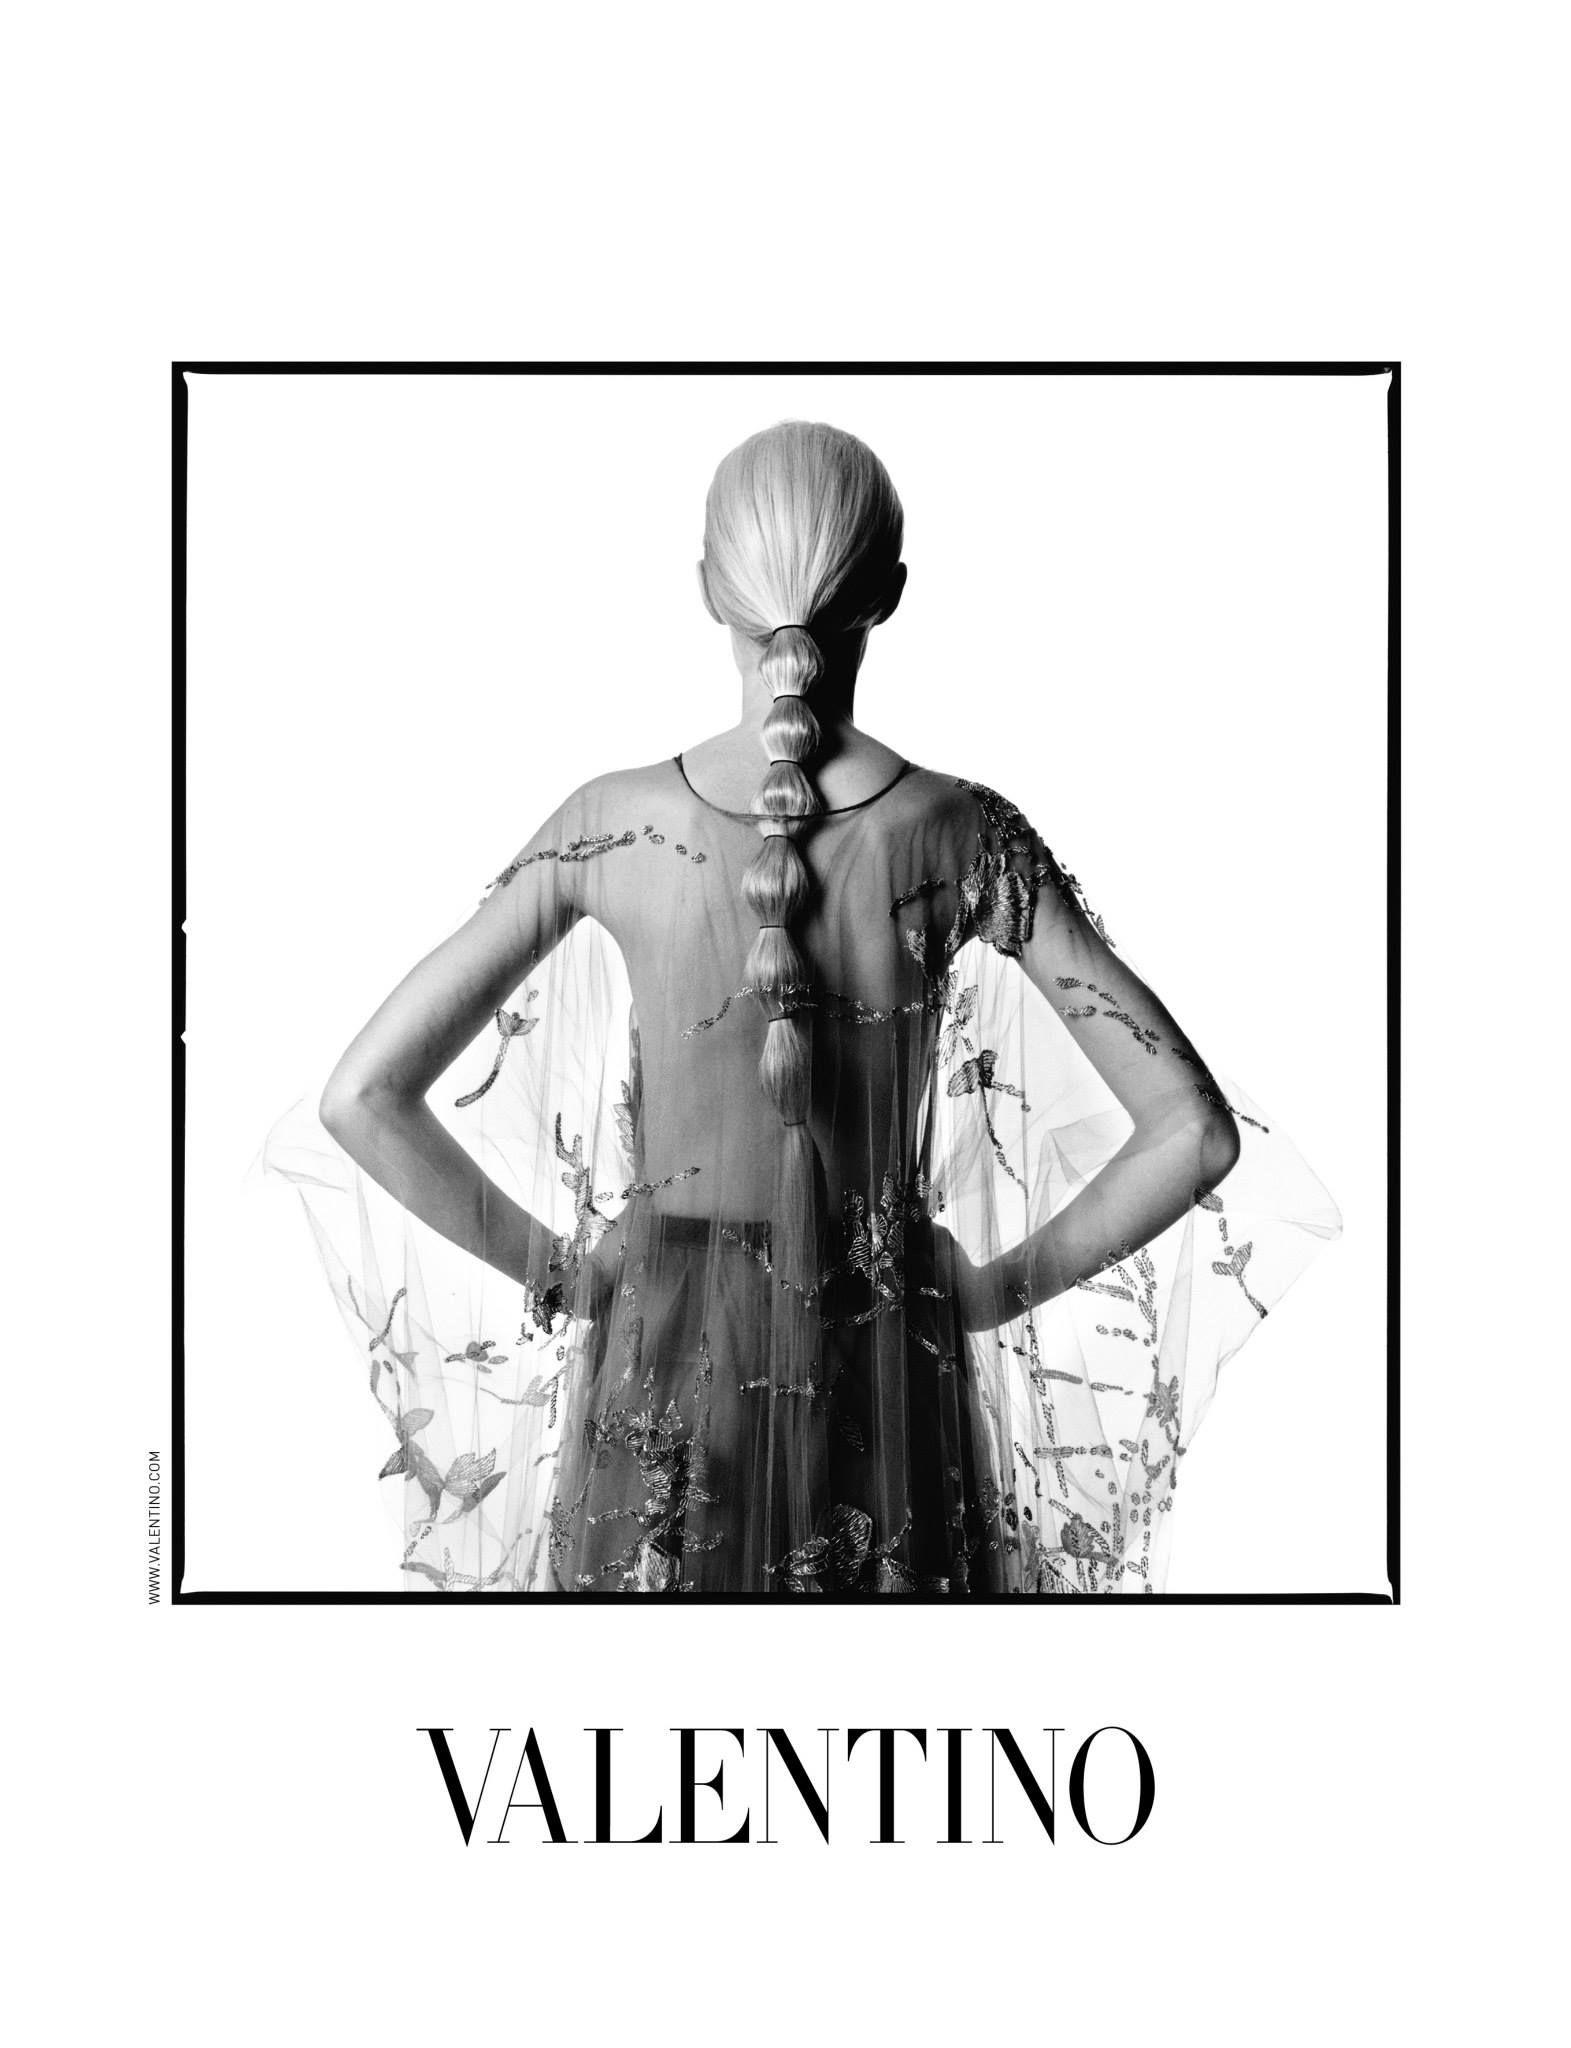 Valentino THE NEW FALL/WINTER 2014 ADV CAMPAIGN